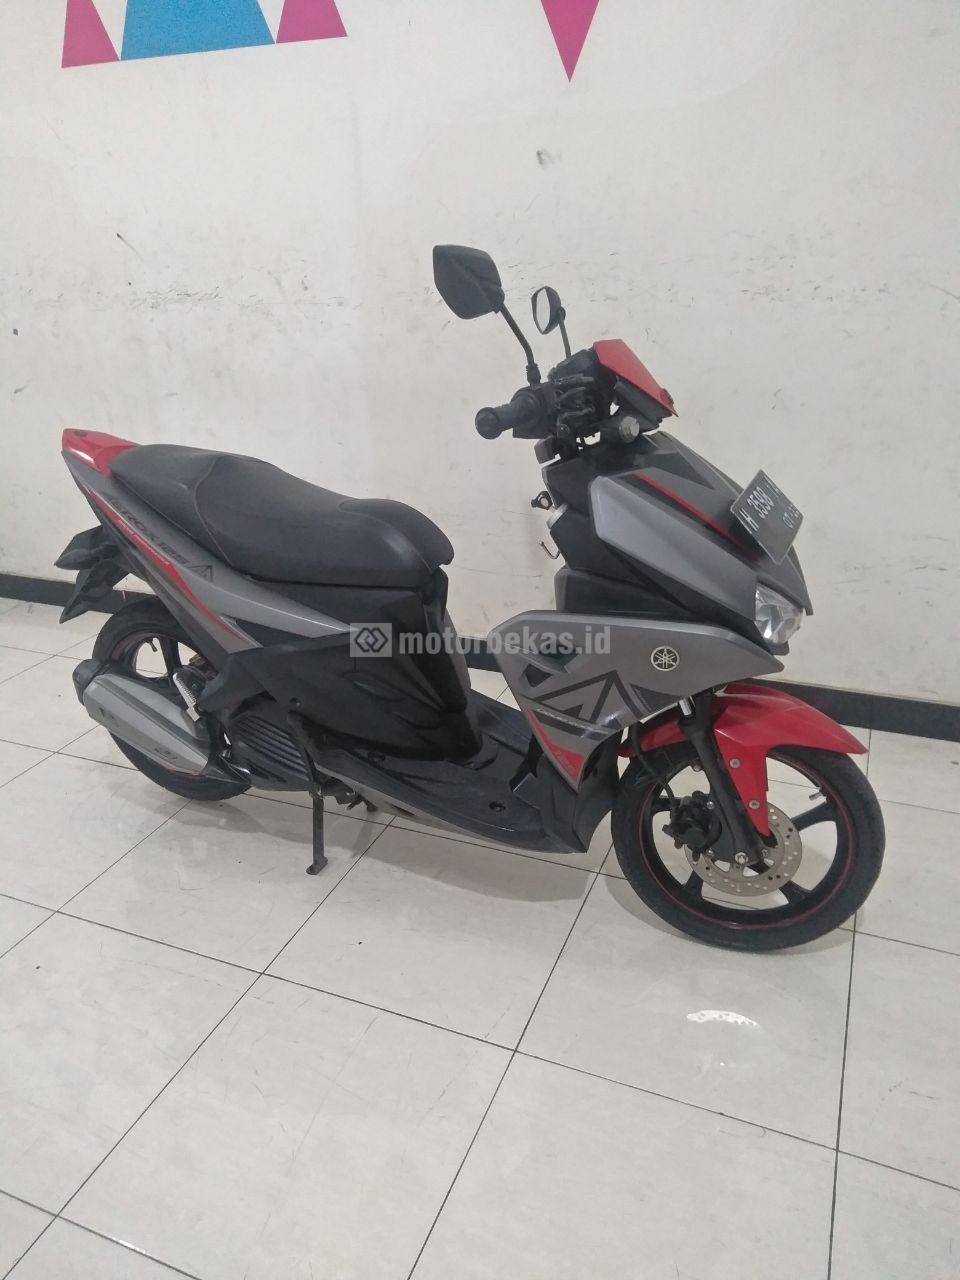 YAMAHA AEROX 125  3114 motorbekas.id